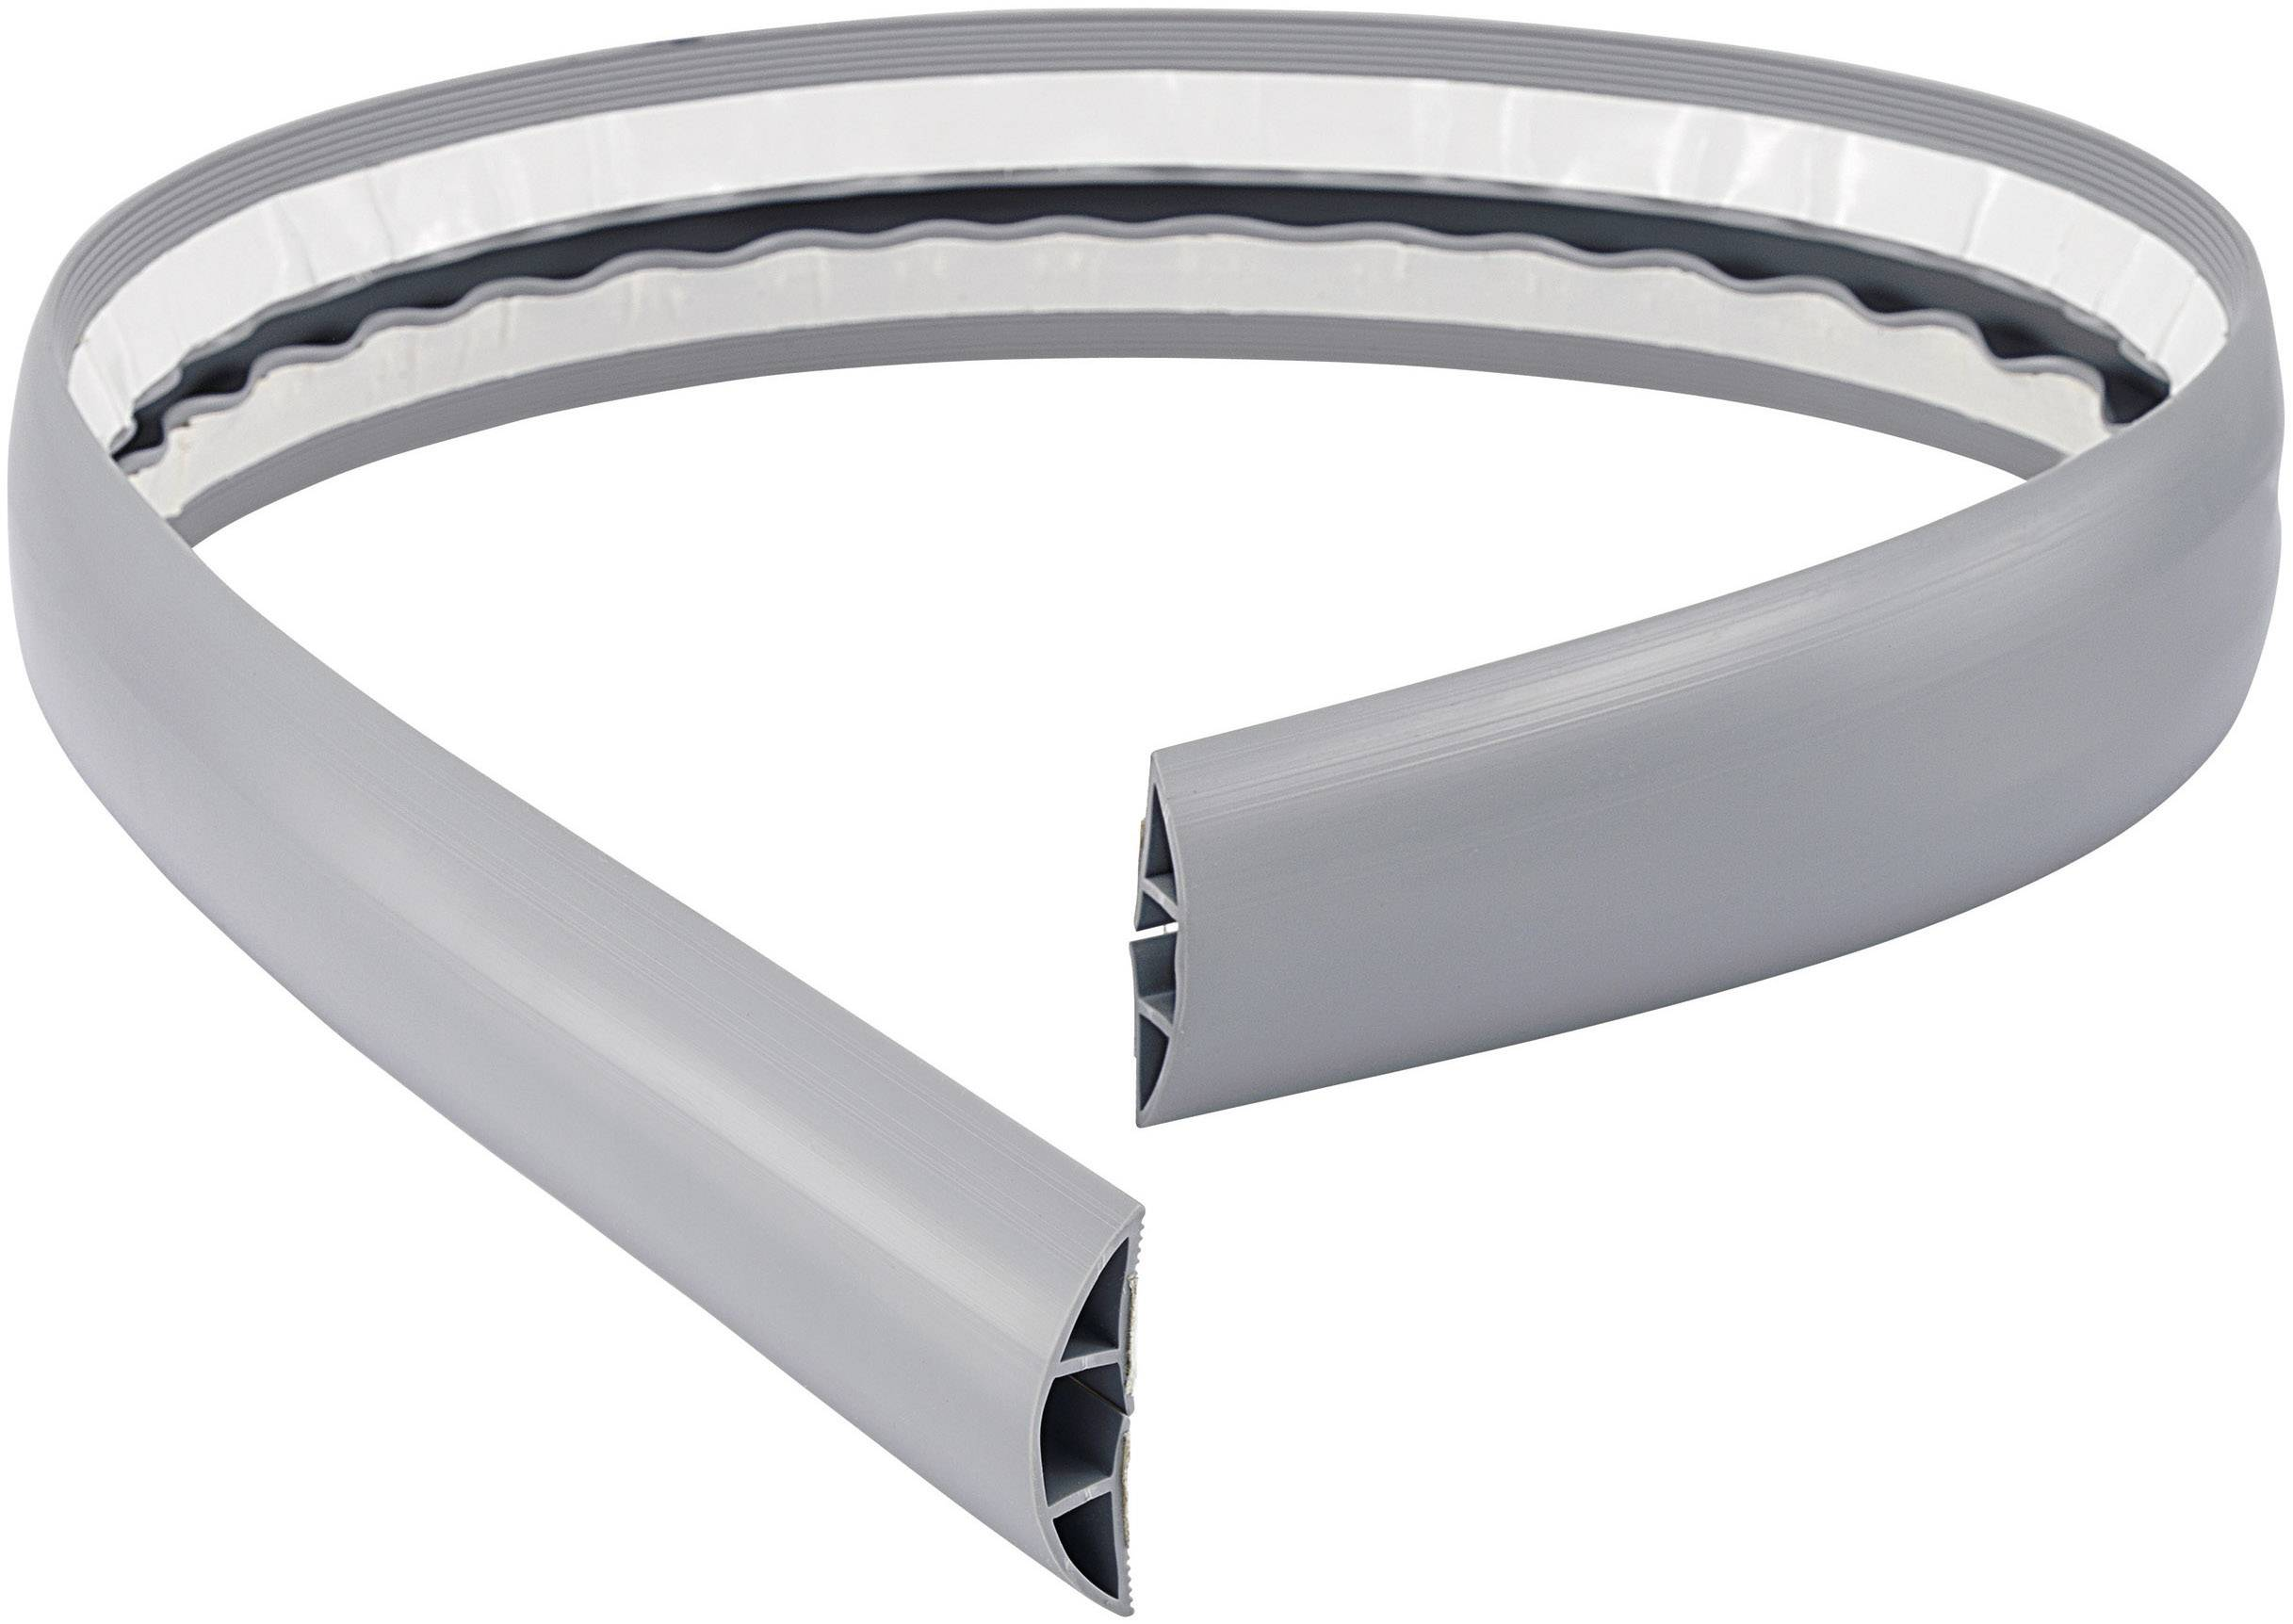 Kabelový můstek Conrad 540763, 3 kabelové trasy, 7,8 - 14,8 mm, 1,8 m, šedá